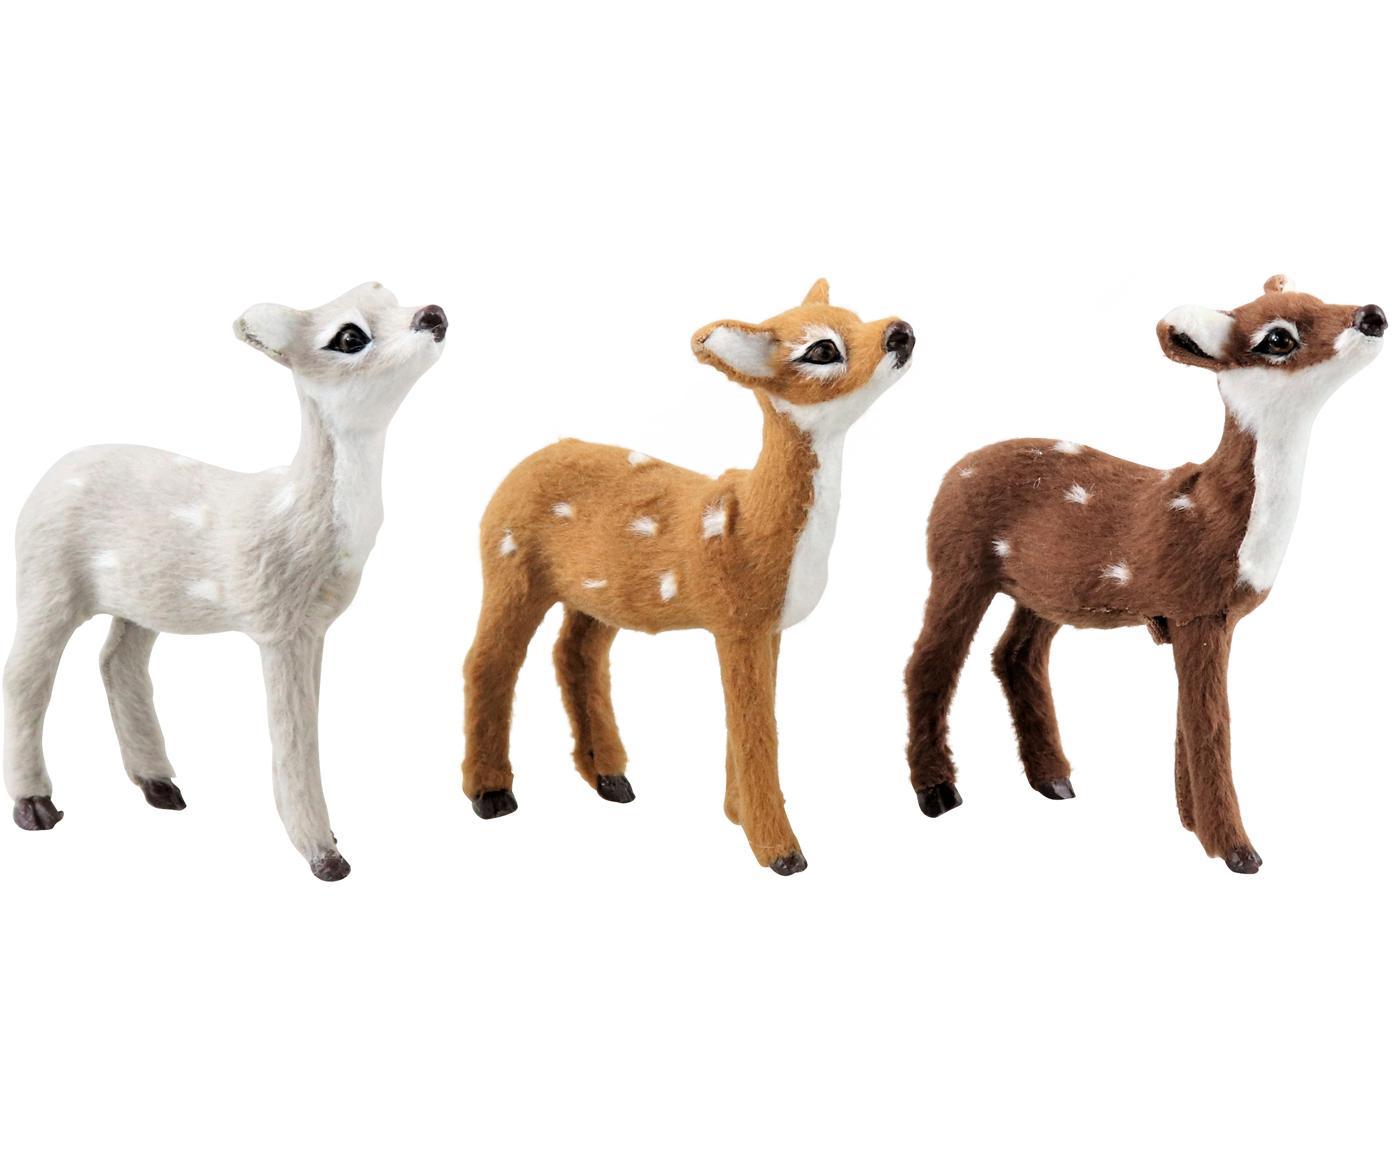 Komplet dekoracji Bambi, 3 elem., Poliresing, Brązowy, szary, jasnobrązowy, S 8 x W 10 cm